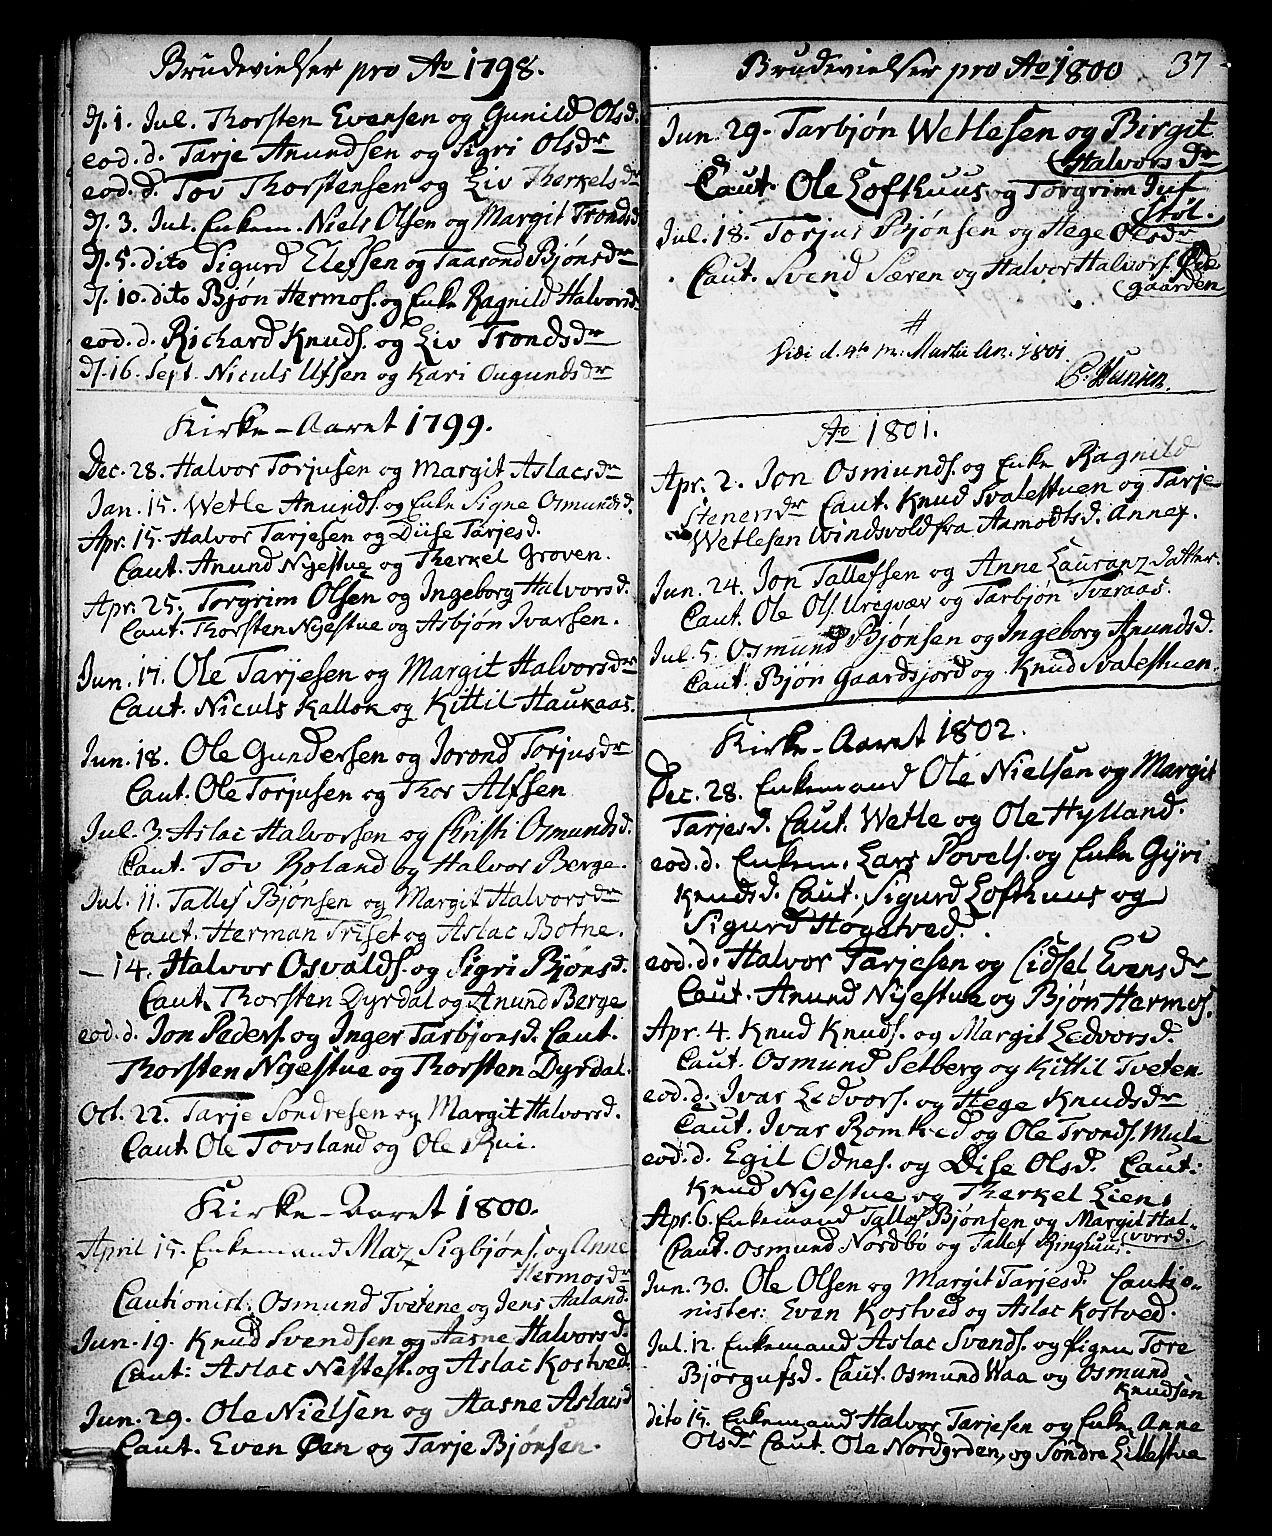 SAKO, Vinje kirkebøker, F/Fa/L0002: Ministerialbok nr. I 2, 1767-1814, s. 37